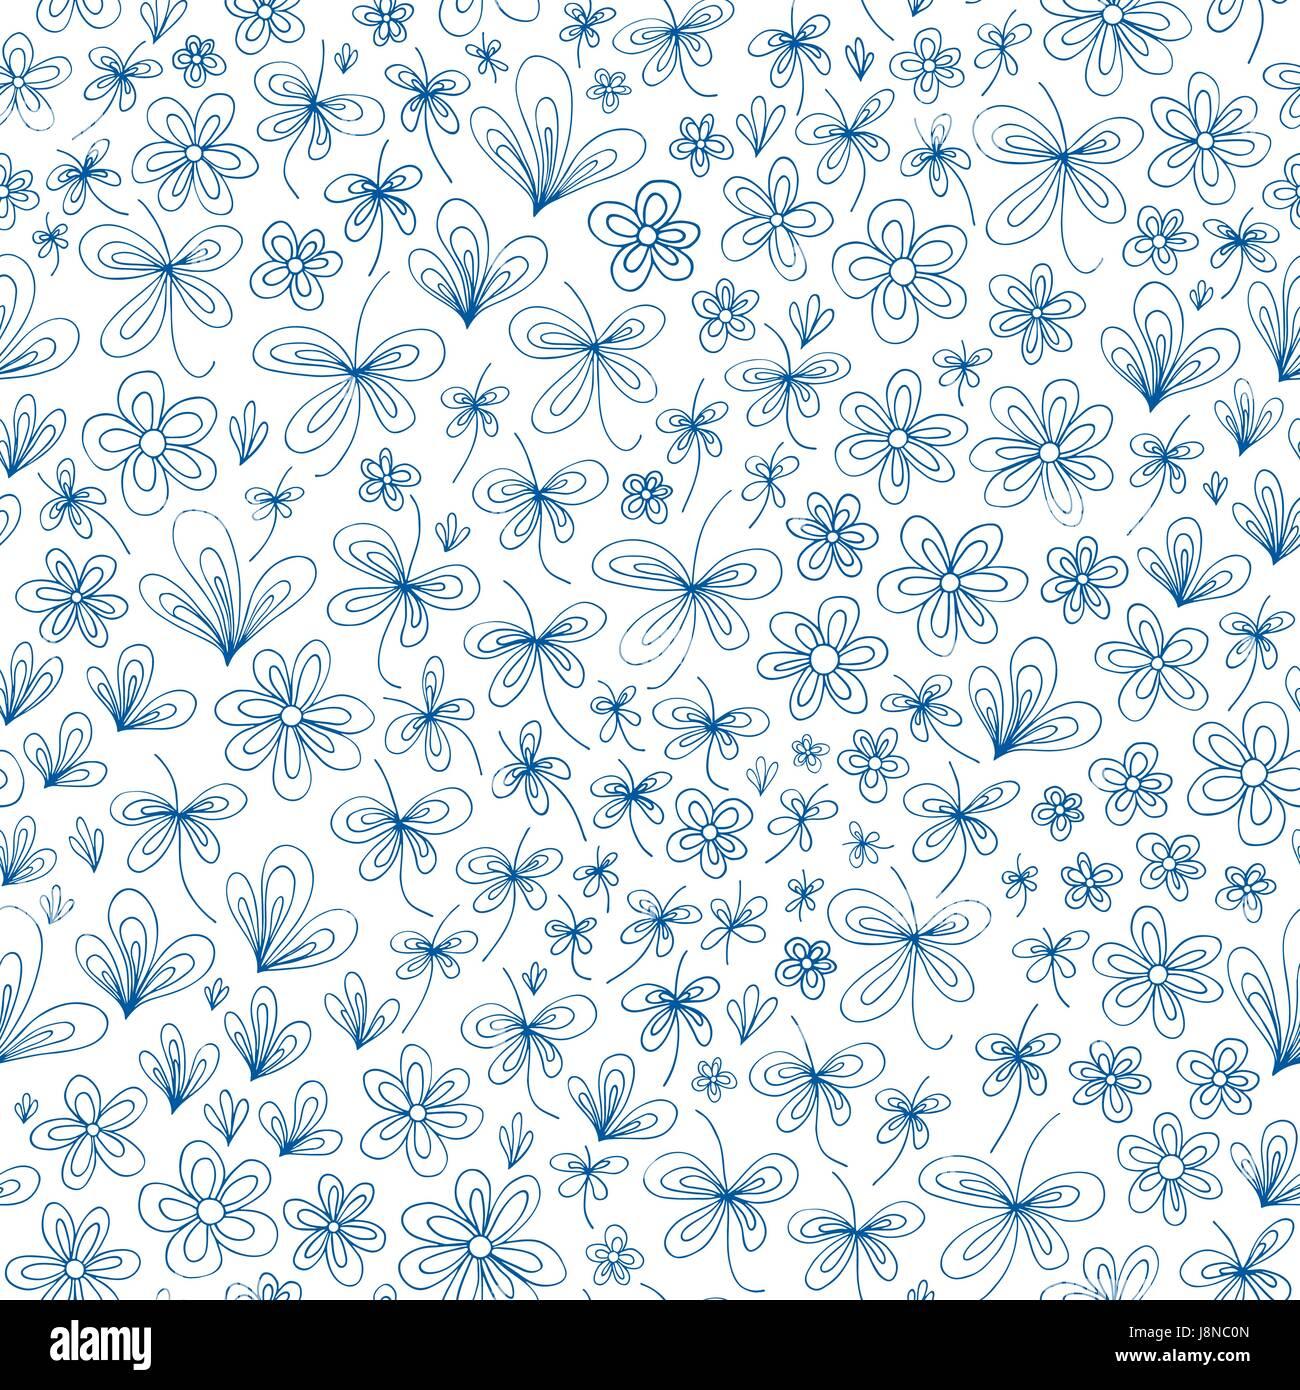 Natura stilizzata disegnata a mano modello astratto. Vettore sfondo senza giunture. Immagini Stock